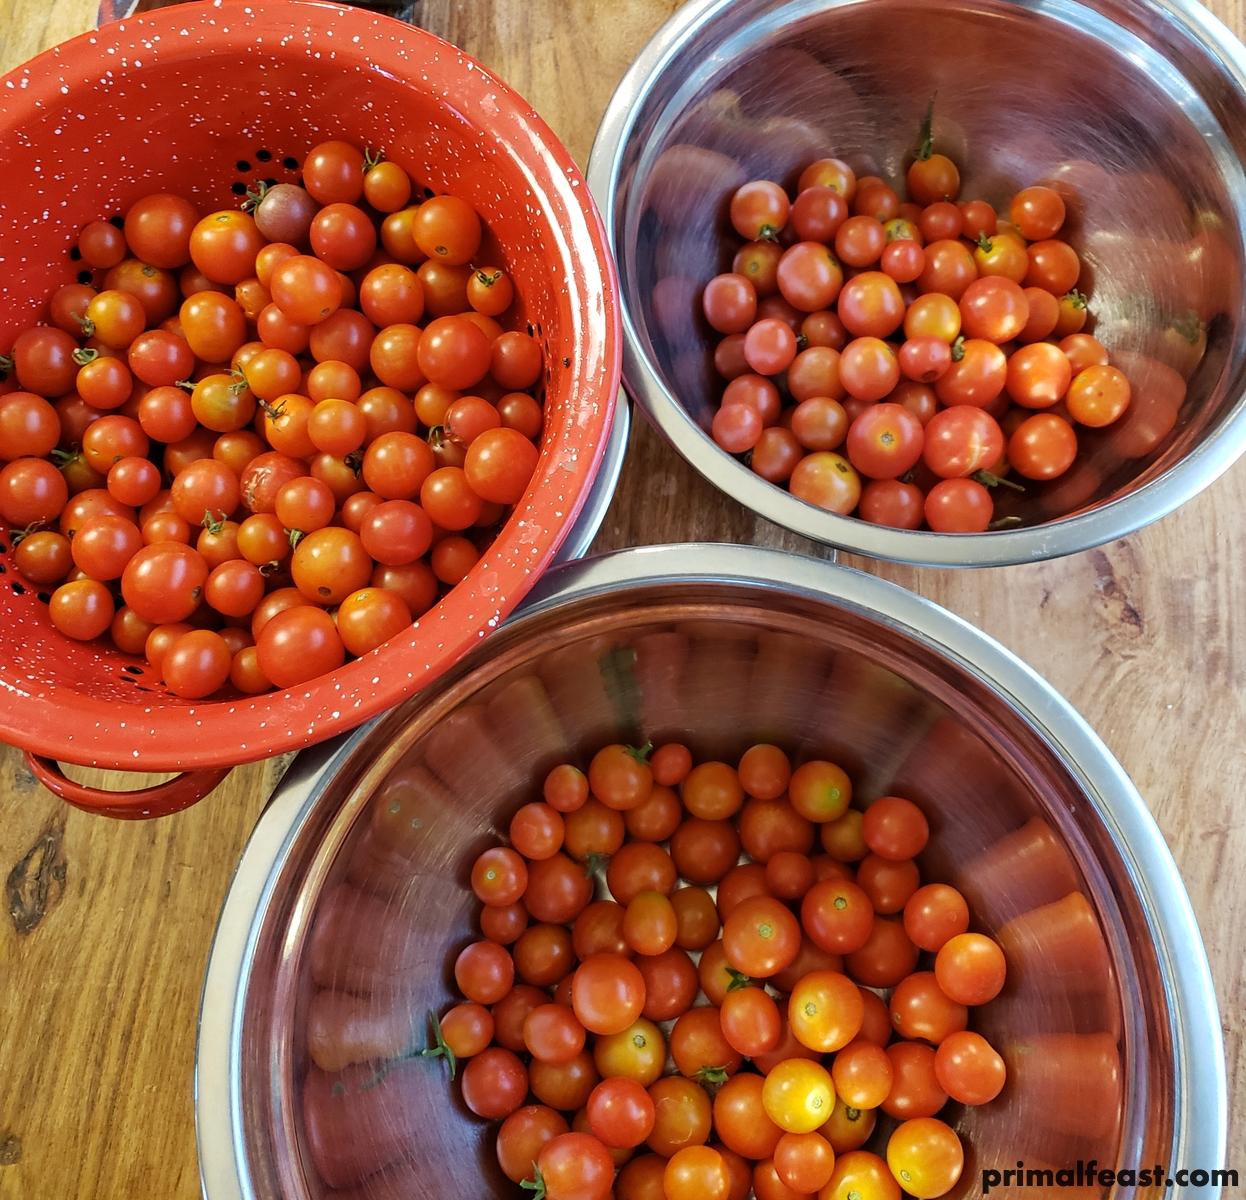 2018 0628 cherry tomatoes 002.jpg